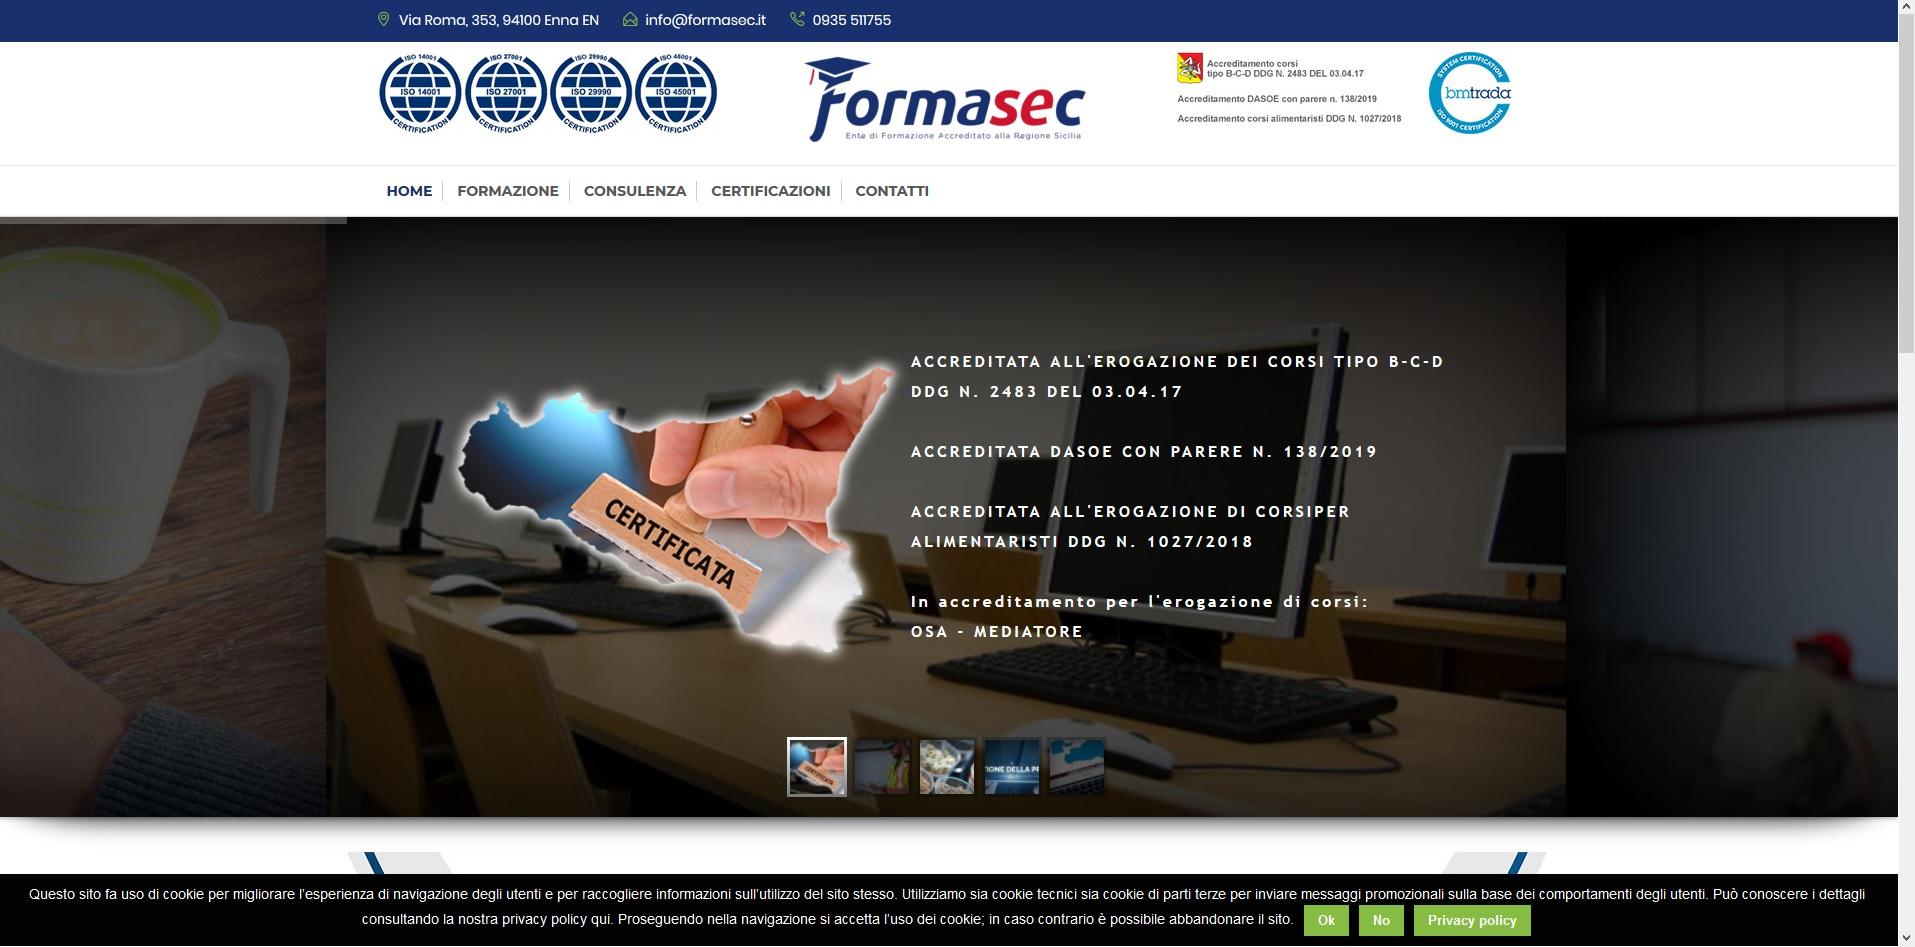 Formasec